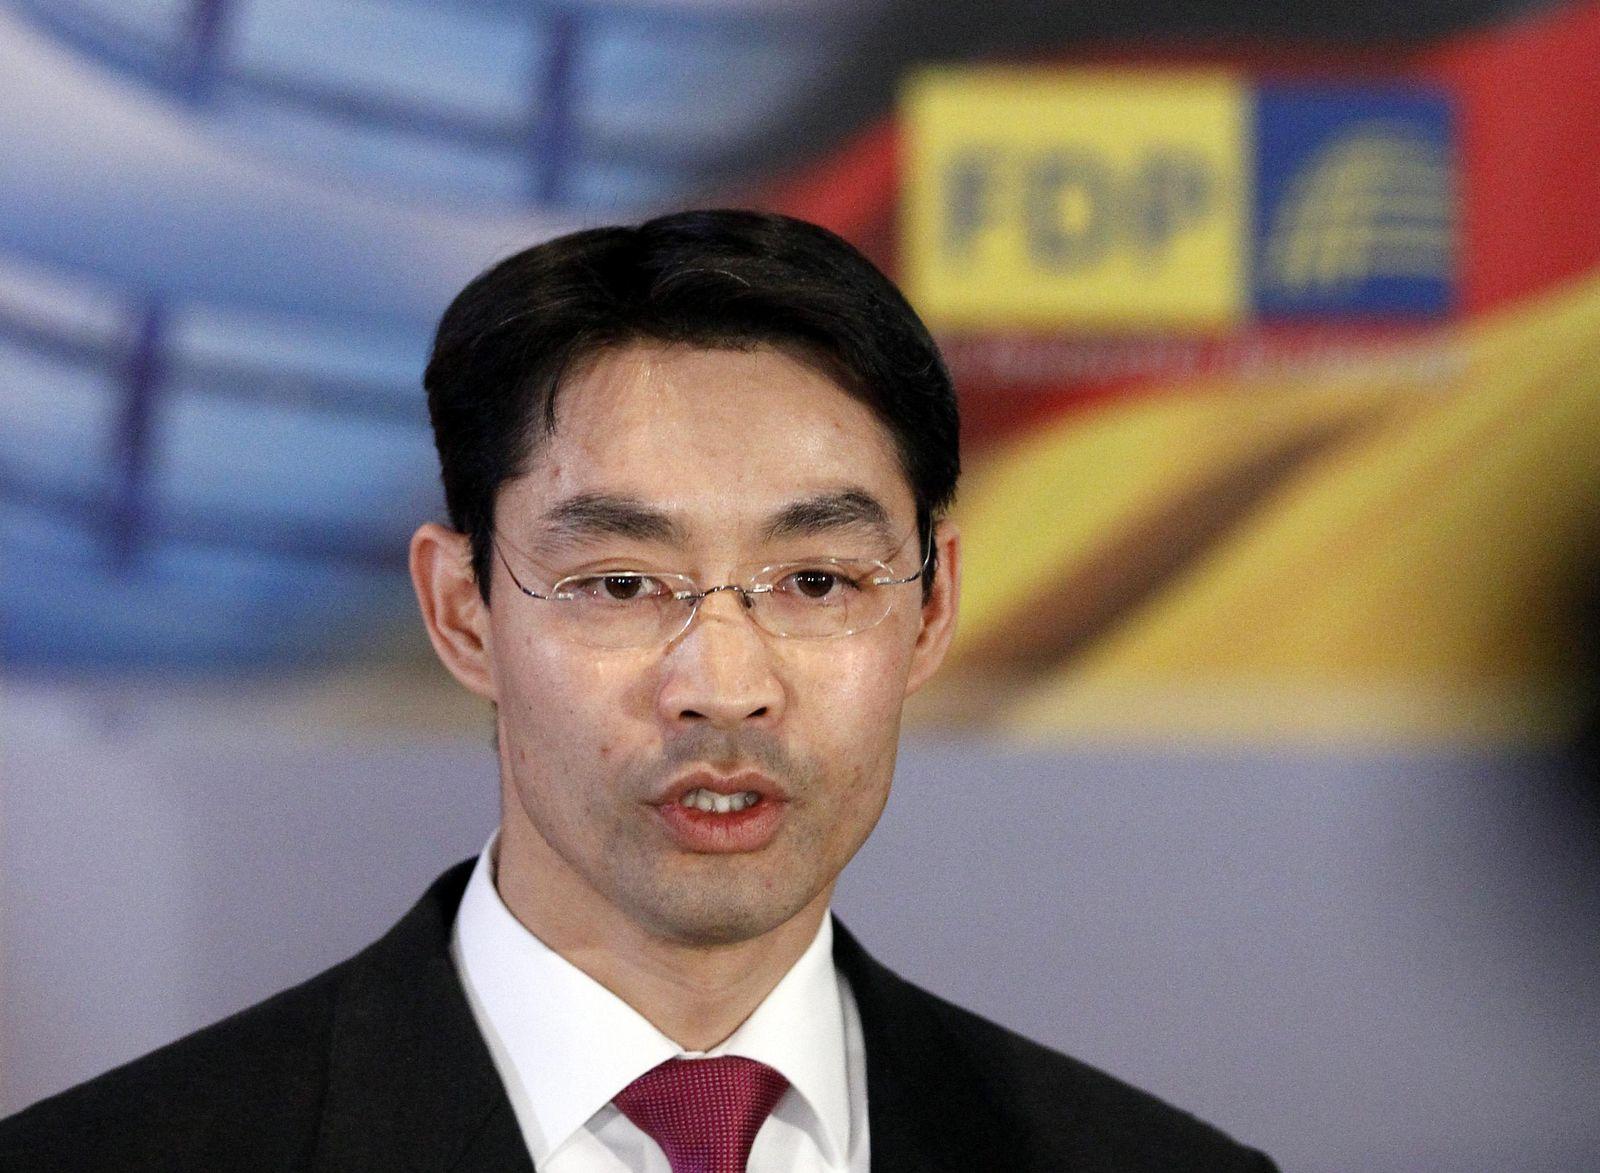 Rösler FDP press conference